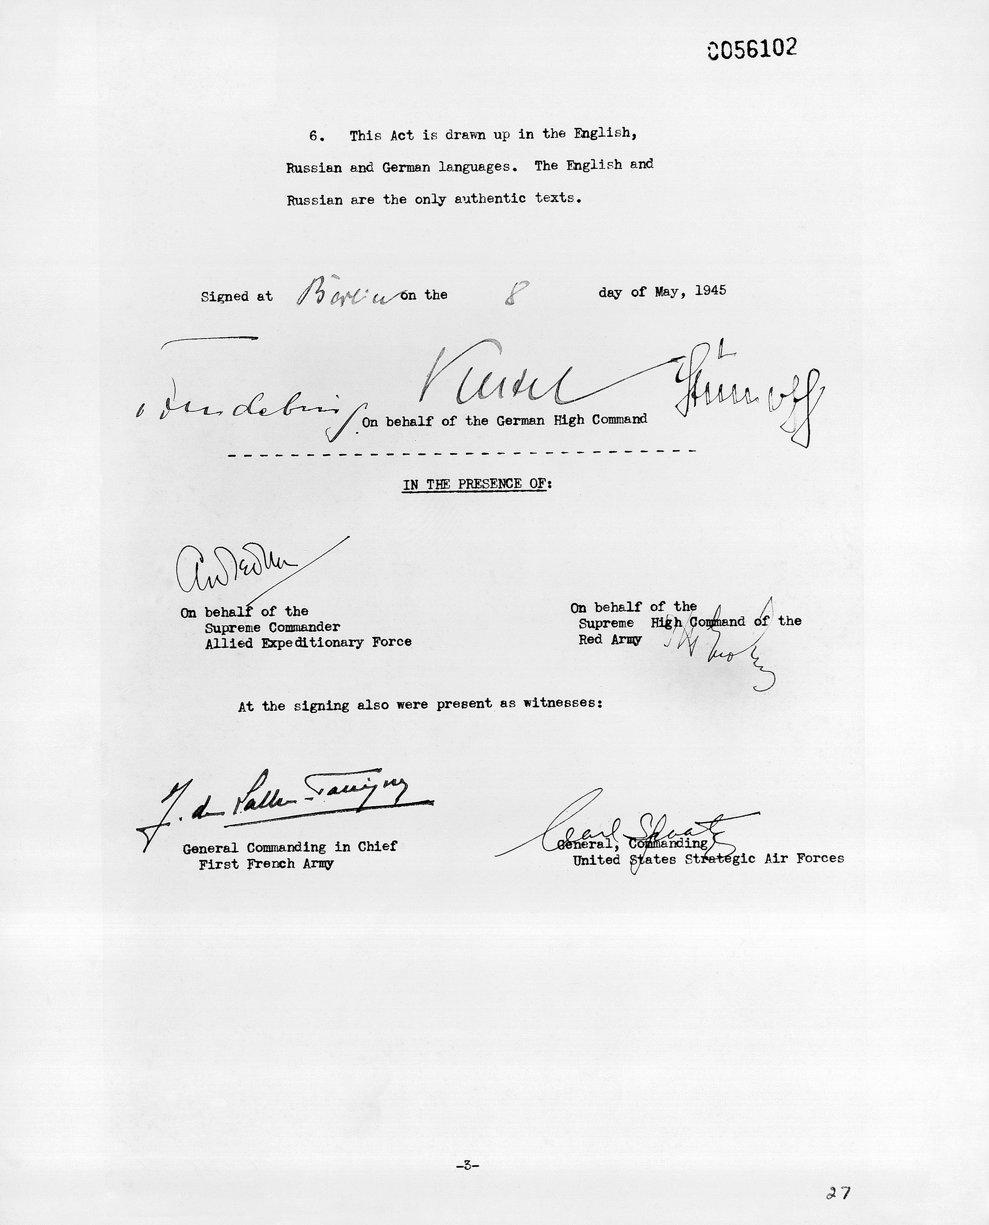 Capitularea generală a fost semnată la Reims, Franţa, pe 7 mai şi a fost ratificată pe 8 mai, 1945. Din partea Germaniei au semant  Keitel, Friedeburg, şi Stump,  Arthur William Tedder a semnat din partea Aliaţilor, iar mareşalul Zhukov din partea URSS. În imagine este unul dintre documentele de capitulare, expuse la Arhivele Naţionale din Washington, D.C.